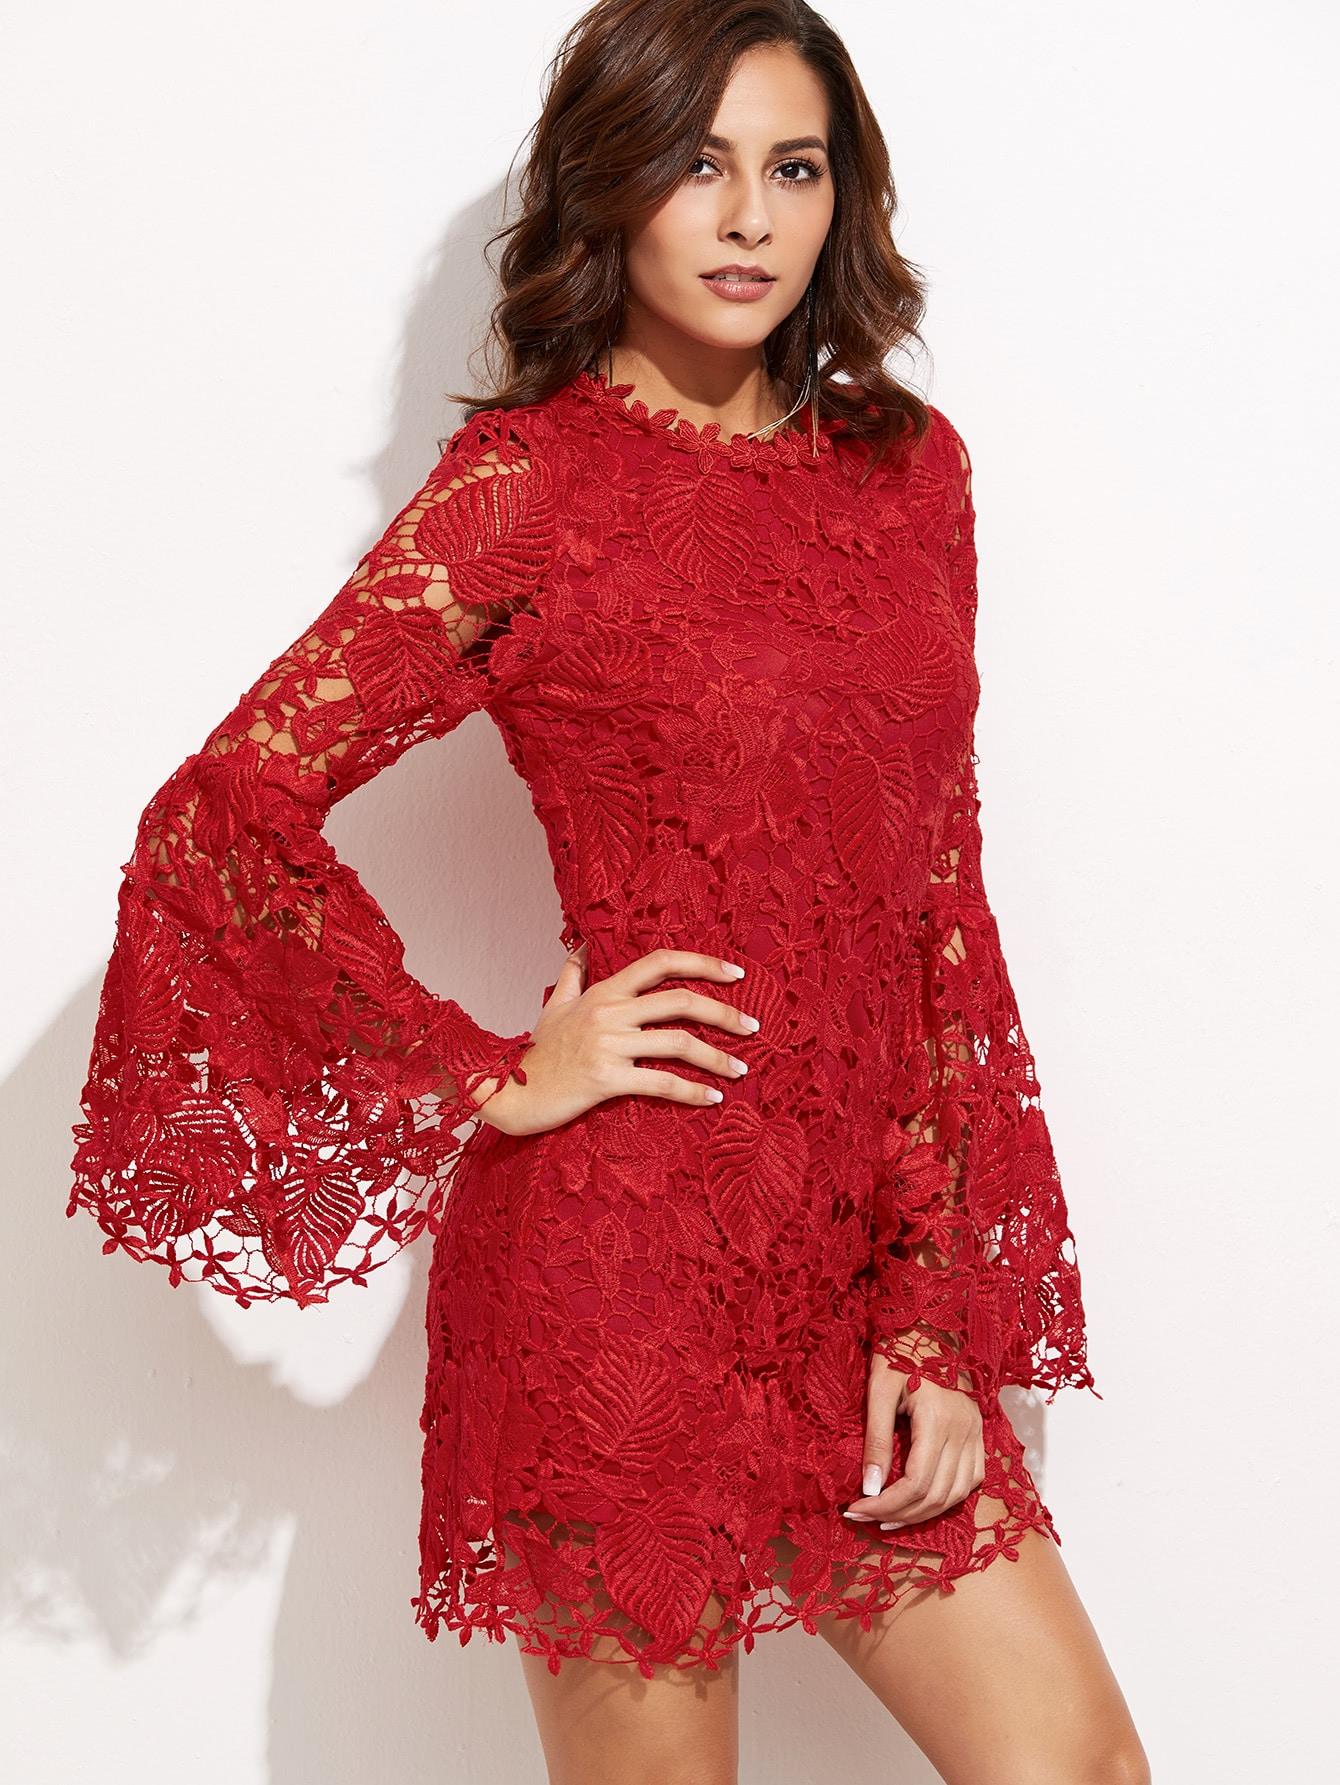 dress161006701_2